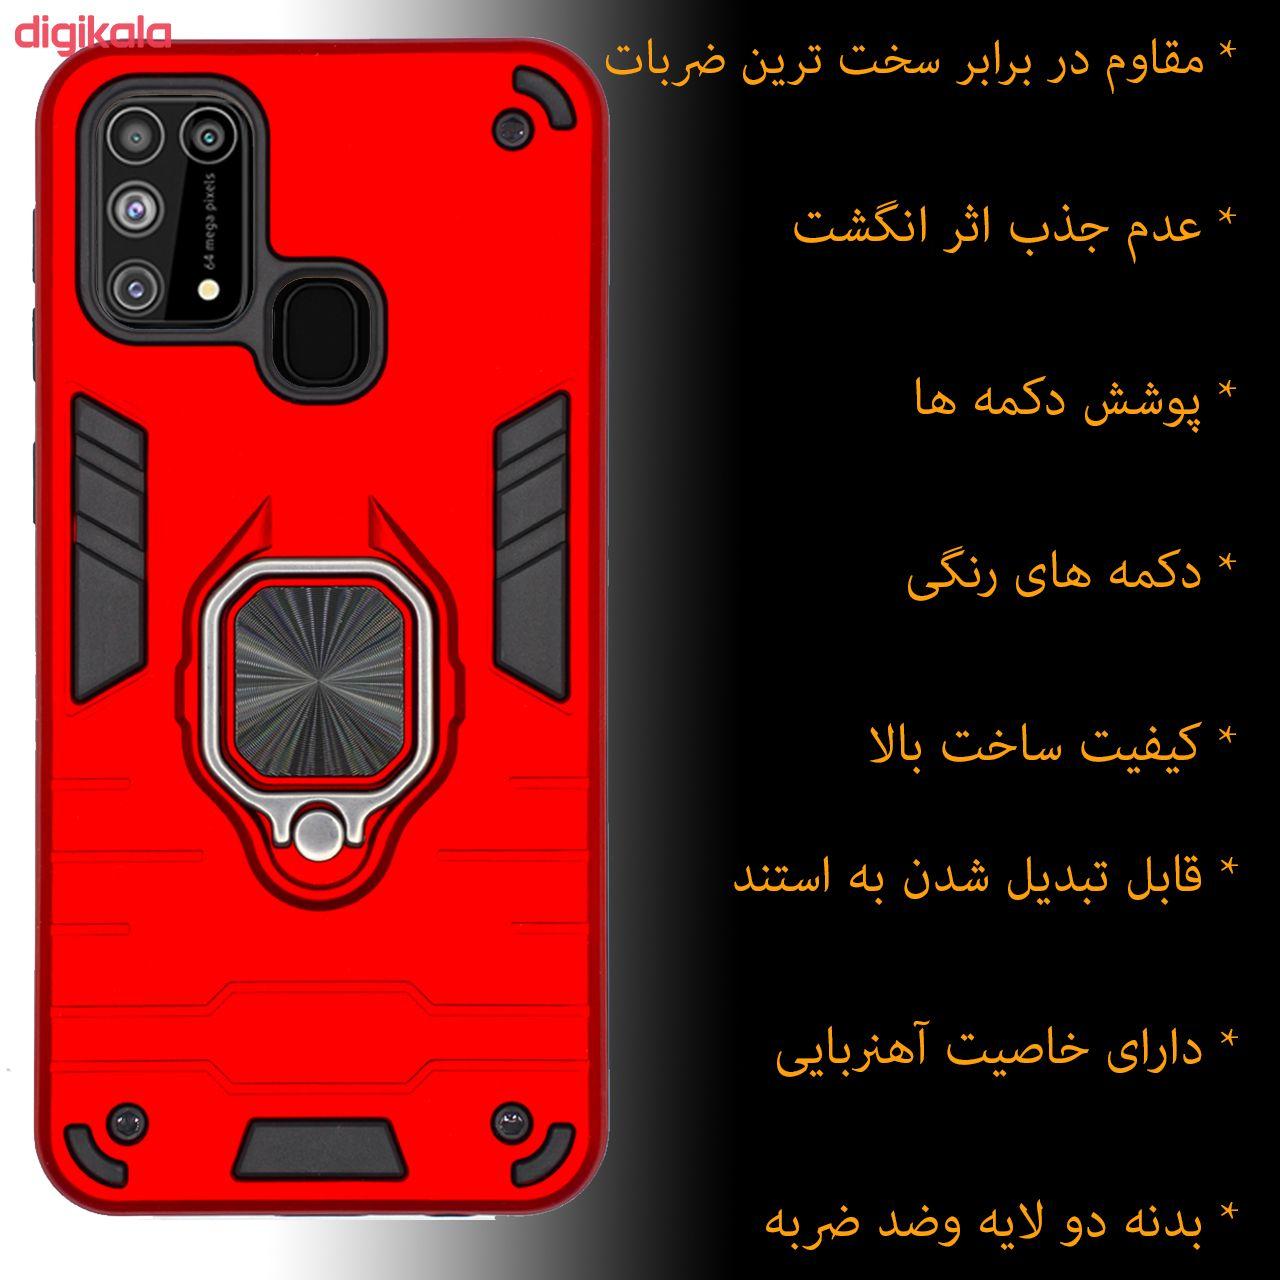 کاور کینگ پاور مدل ASH22 مناسب برای گوشی موبایل سامسونگ Galaxy M31 main 1 2